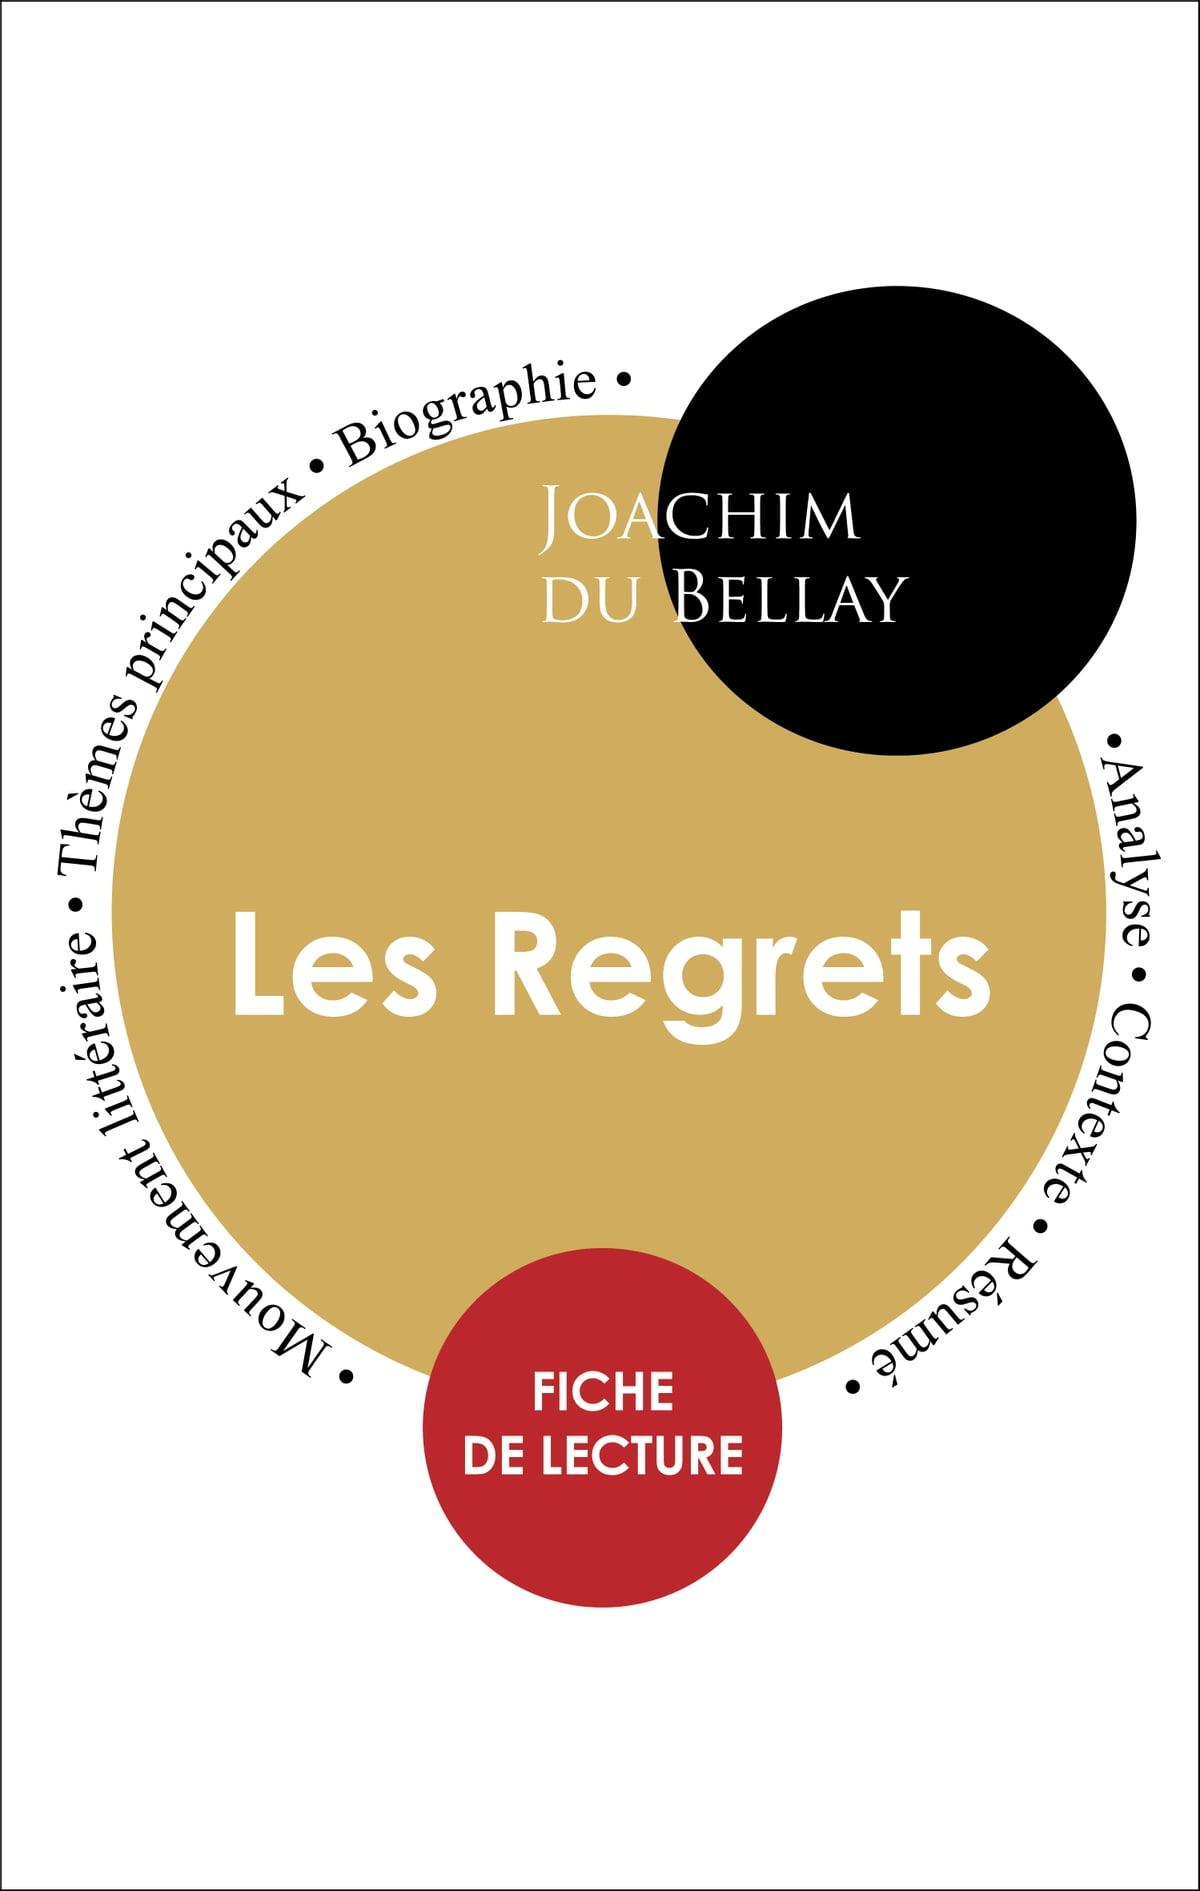 Les Regrets Du Bellay Analyse : regrets, bellay, analyse, Étude, Intégrale, Regrets, Bellay, (fiche, Lecture,, Analyse, Résumé), EBook, Joachim, 1230003279809, Rakuten, United, States